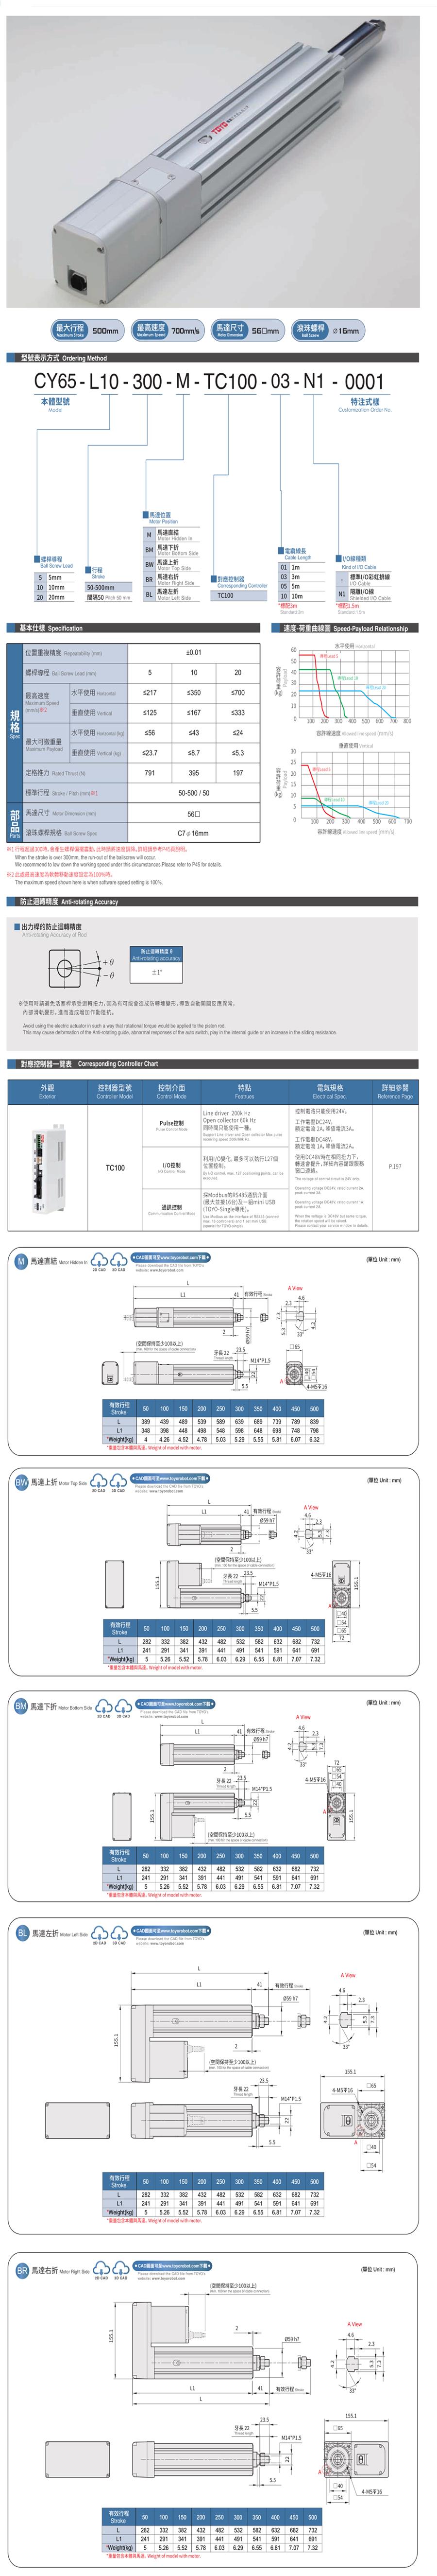 TOYO伺服电动缸CY65